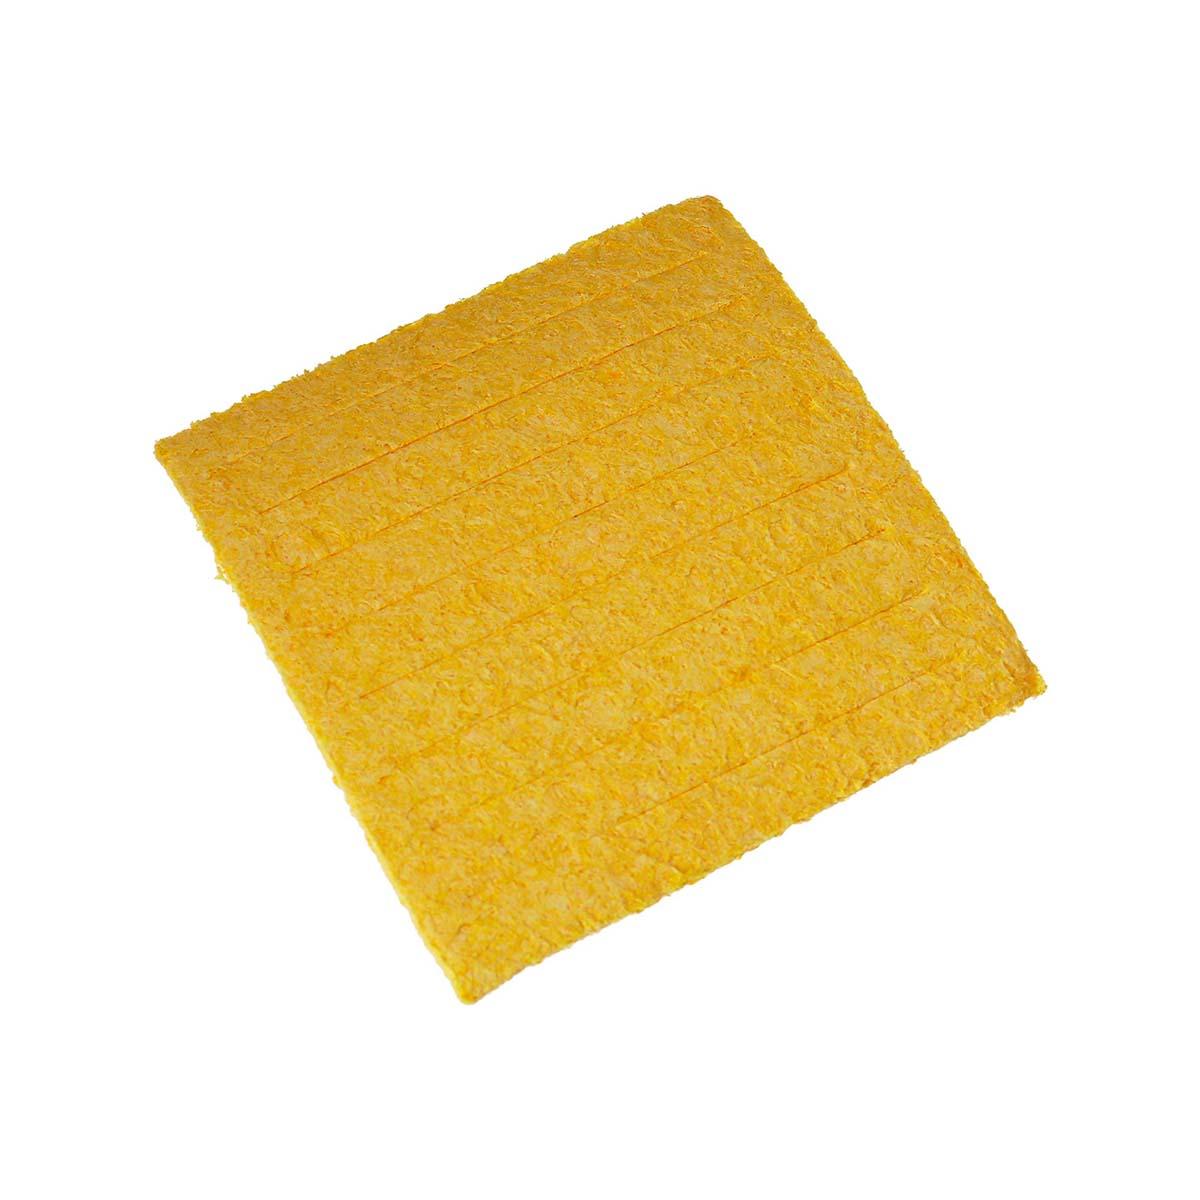 Repuesto Esponja Limpiadora Limpia Punta Cauntin 6 Cm Weller